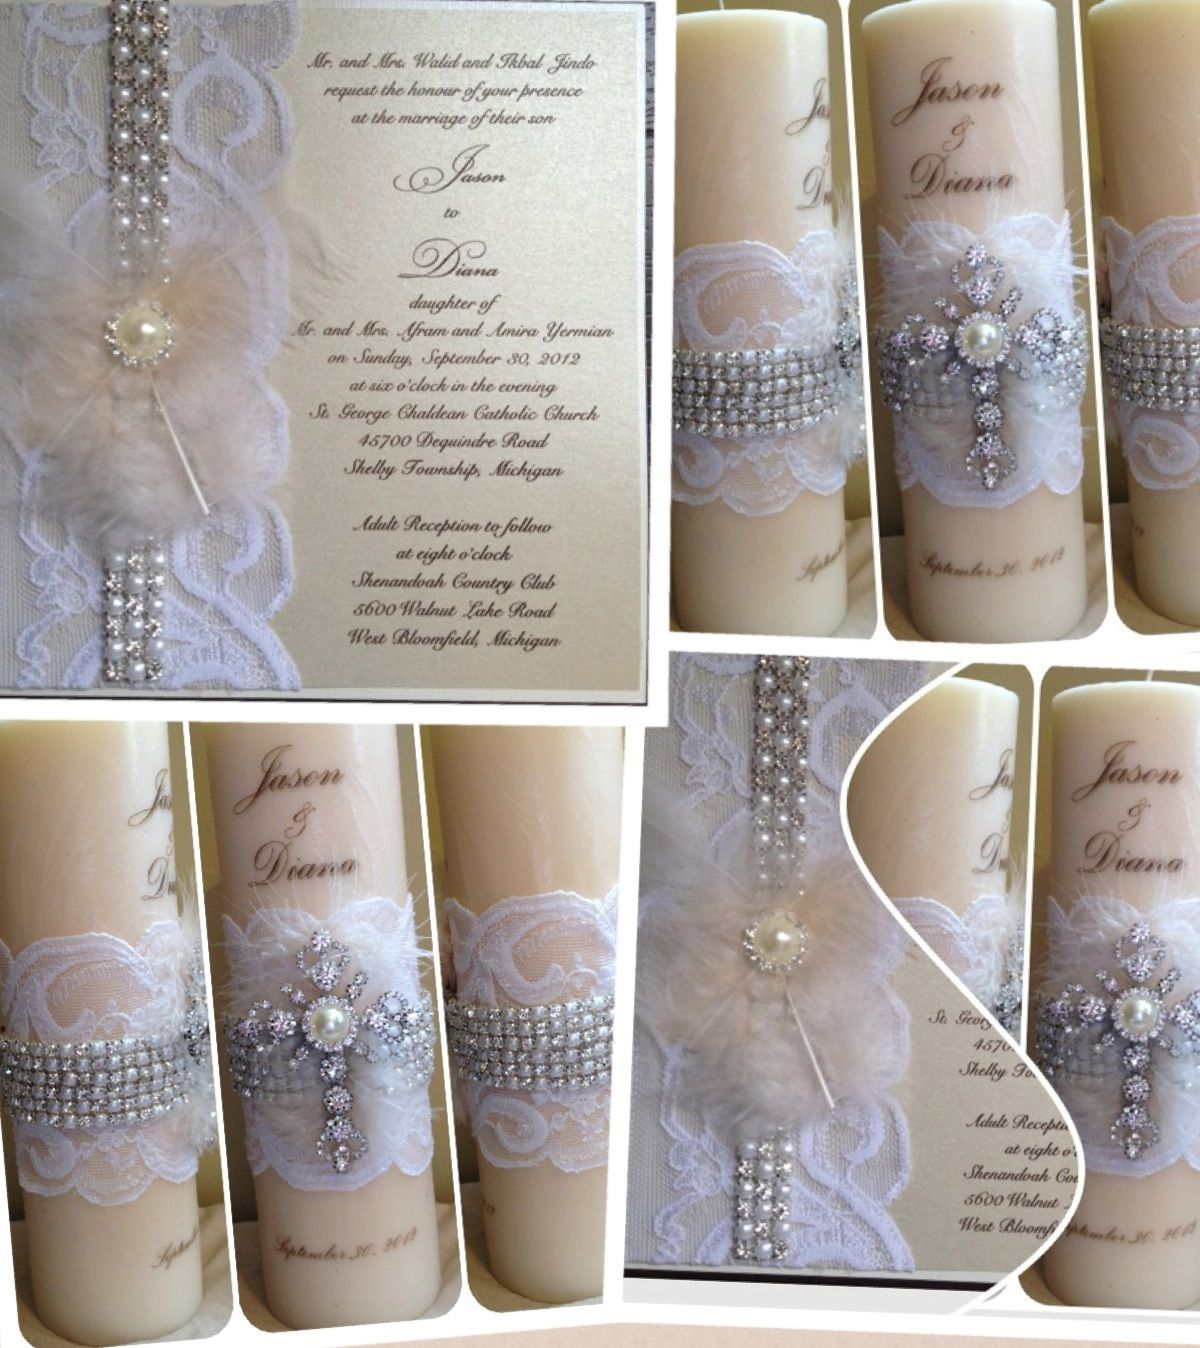 Candle Personalized Wedding Invitation Unity Keepsake Kandle ...